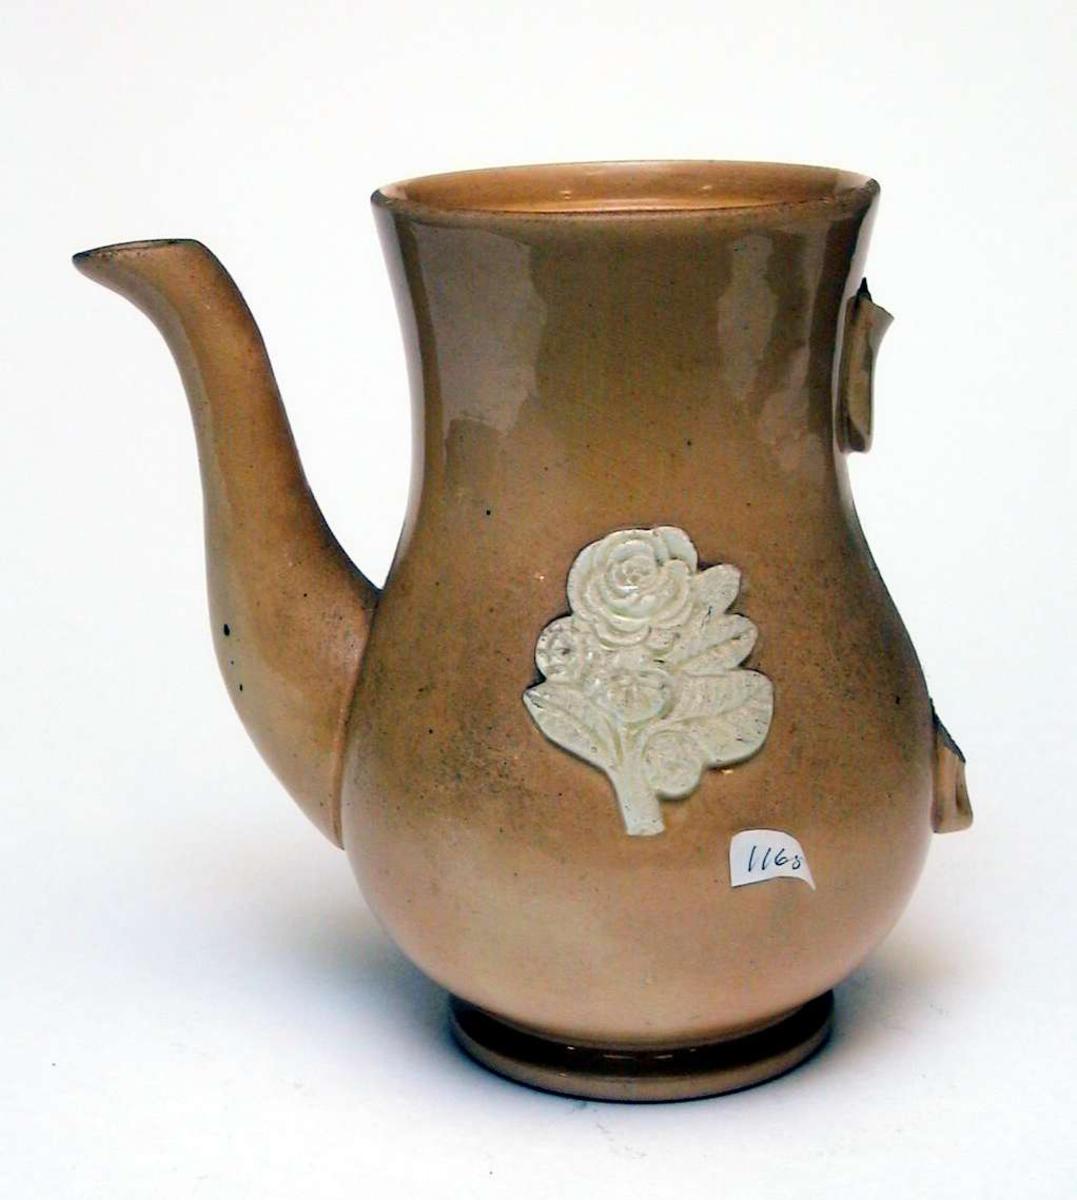 Kaffekanne av gul keramikk med påsatt blomsterdekor. Dekoren er elfenbenshvit. Lokket og hanken mangler. Kannen har ingen produksjonsmerker.